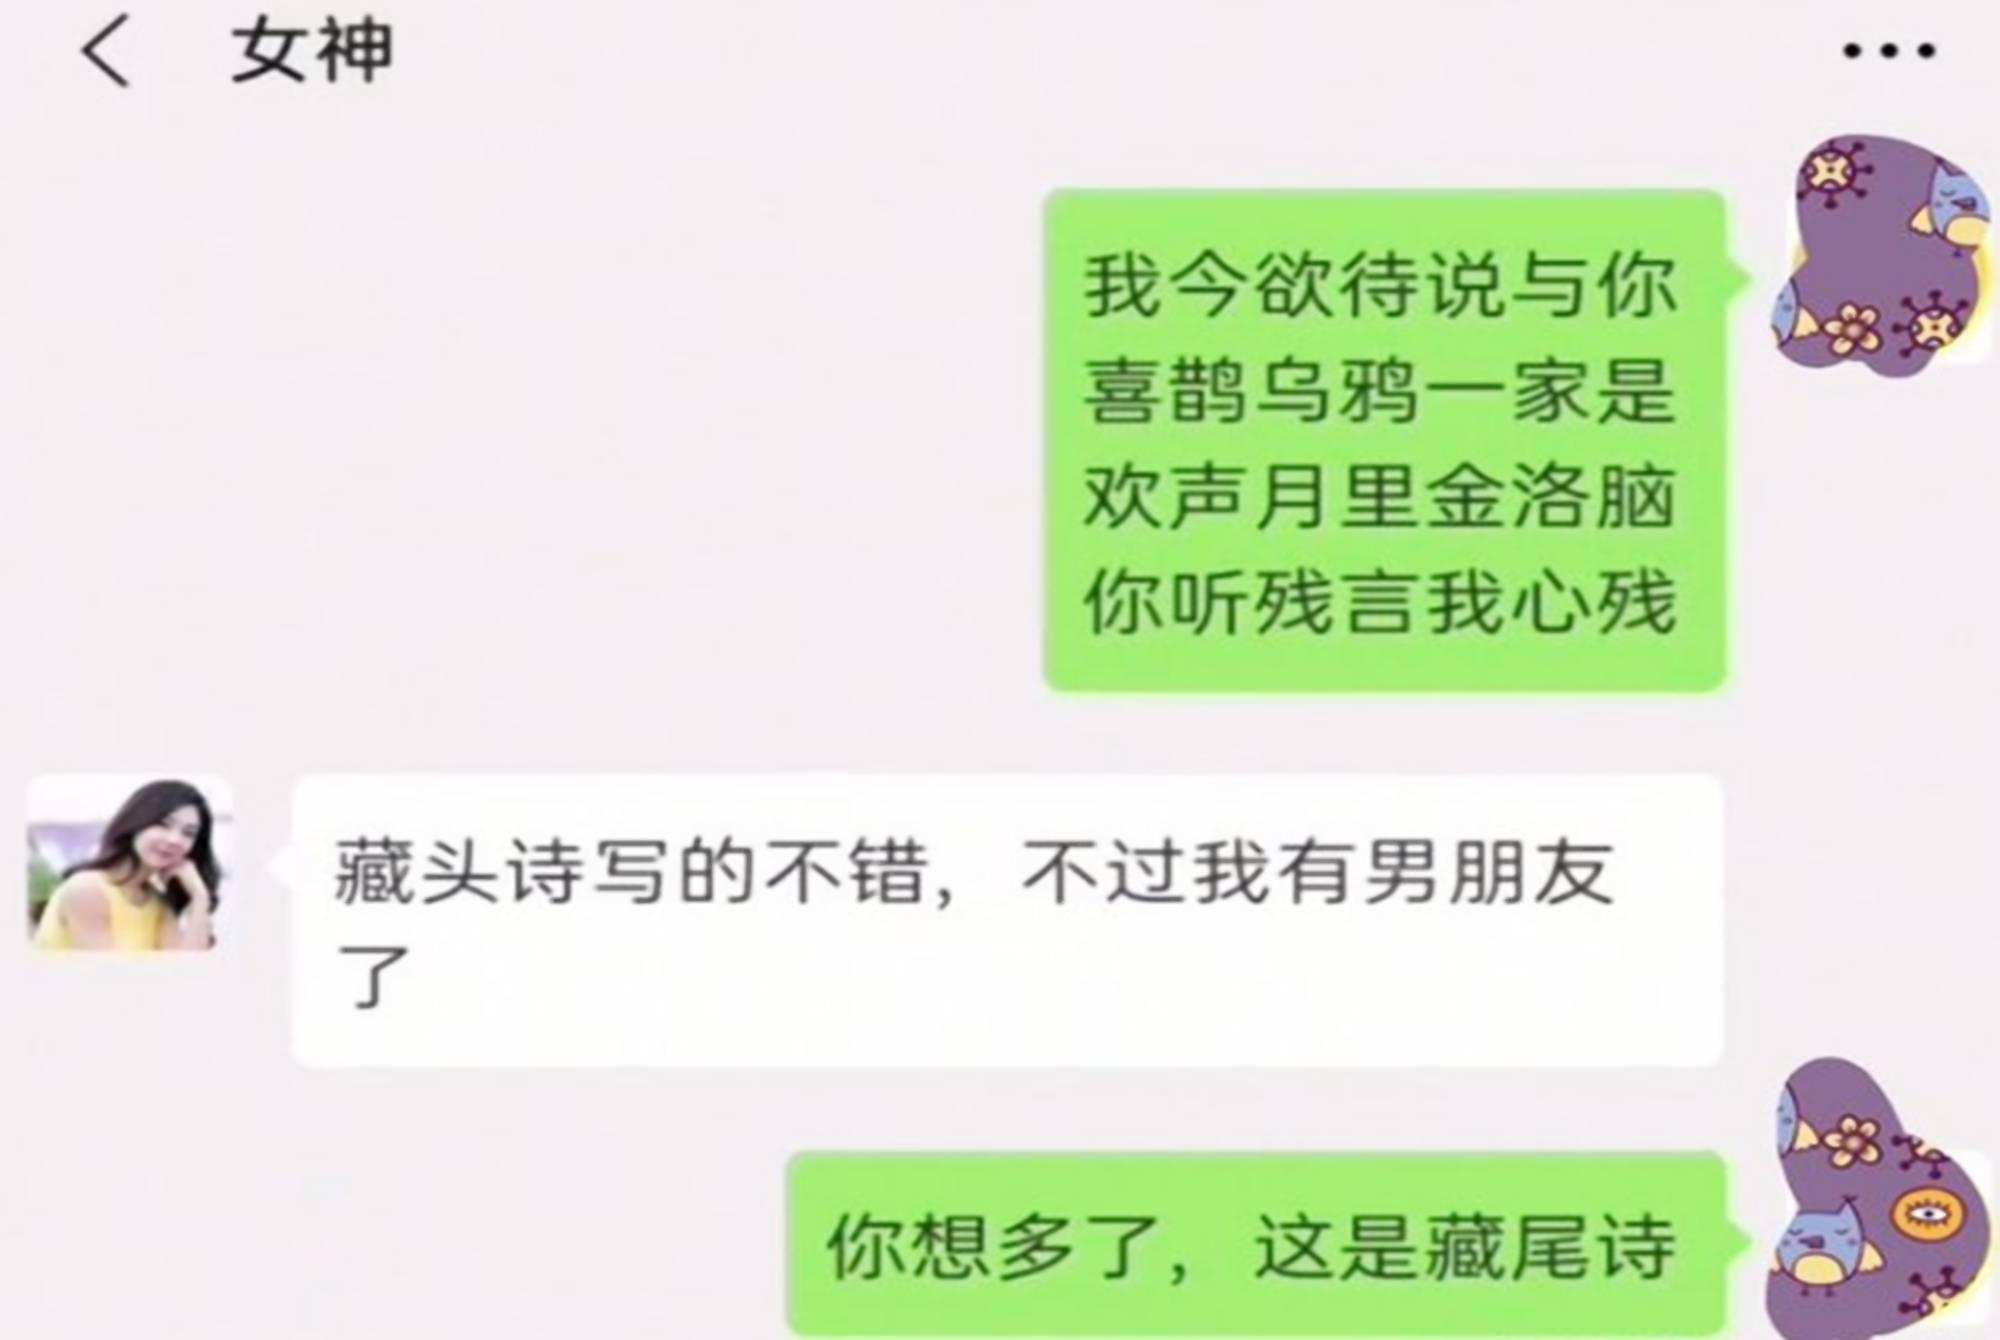 """哪所高校的""""單身狗""""更多?""""難脫單大學""""排行榜出爐,北電上榜"""